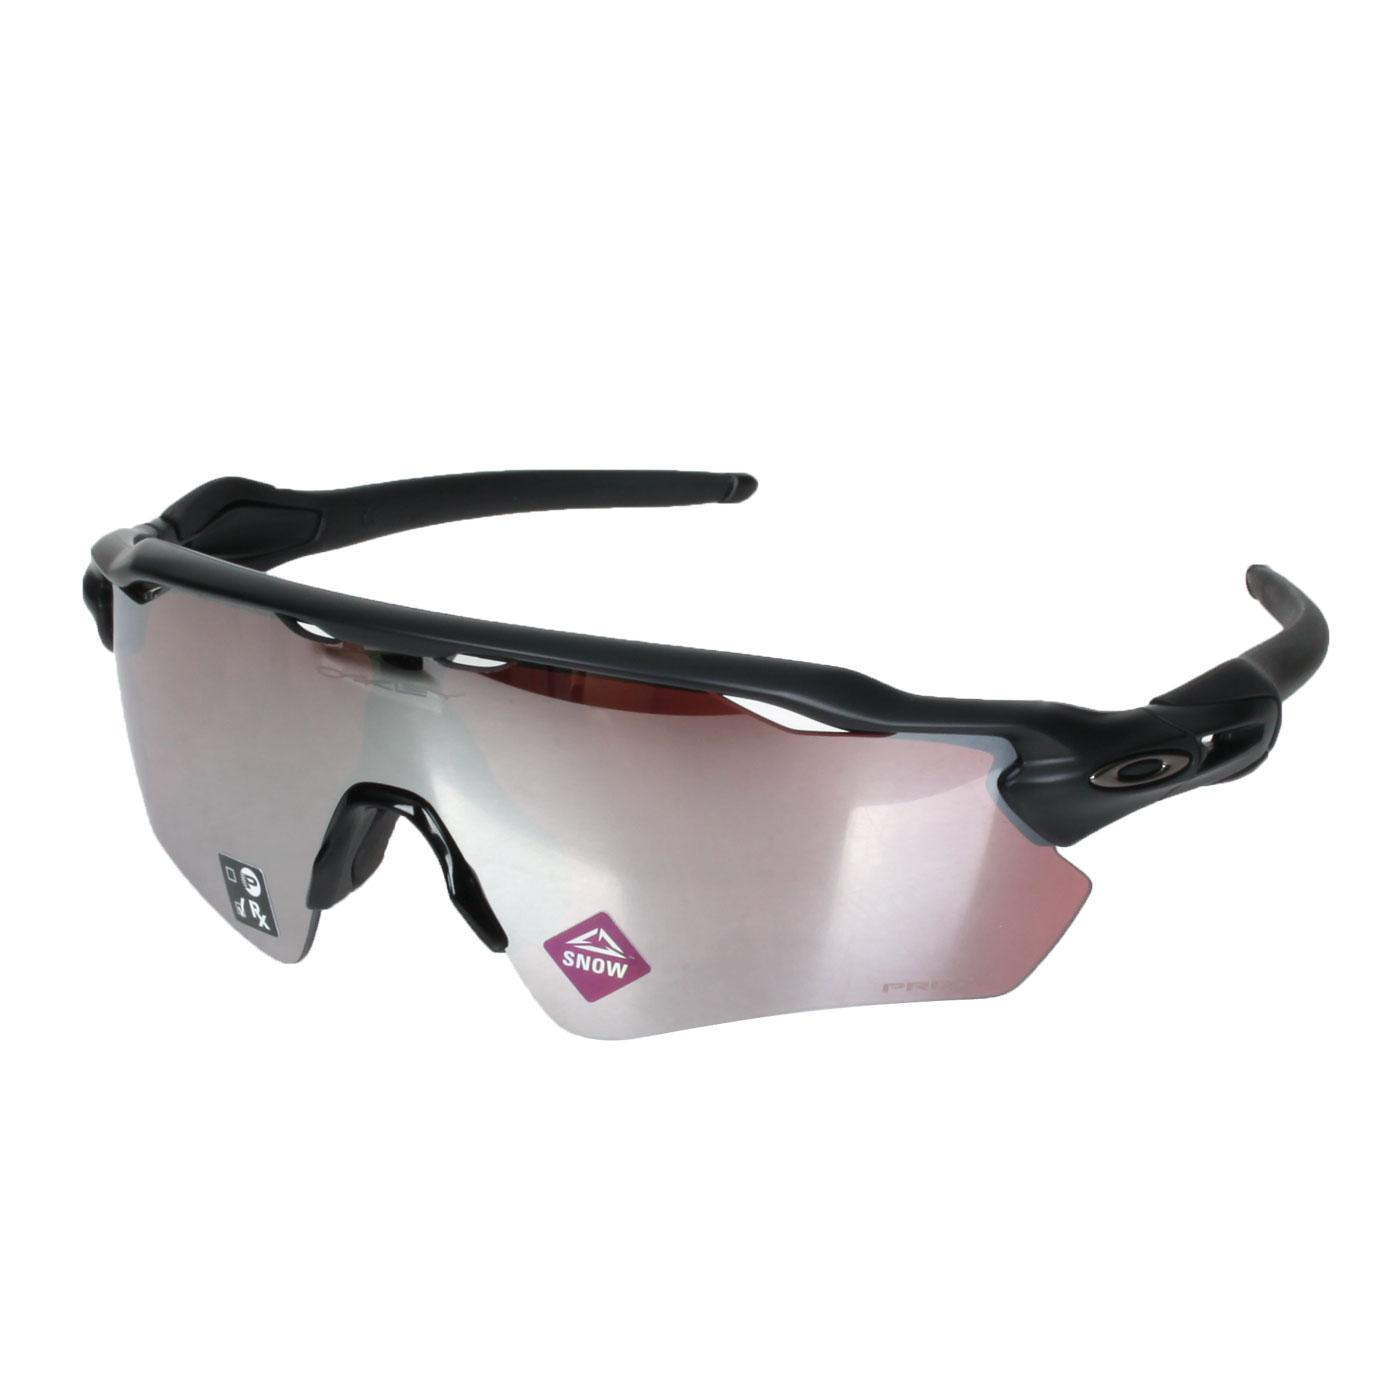 OAKLEY RADAR EV PATH 偏光太陽眼鏡(附硬盒鼻墊) OAK-OO9208-9638